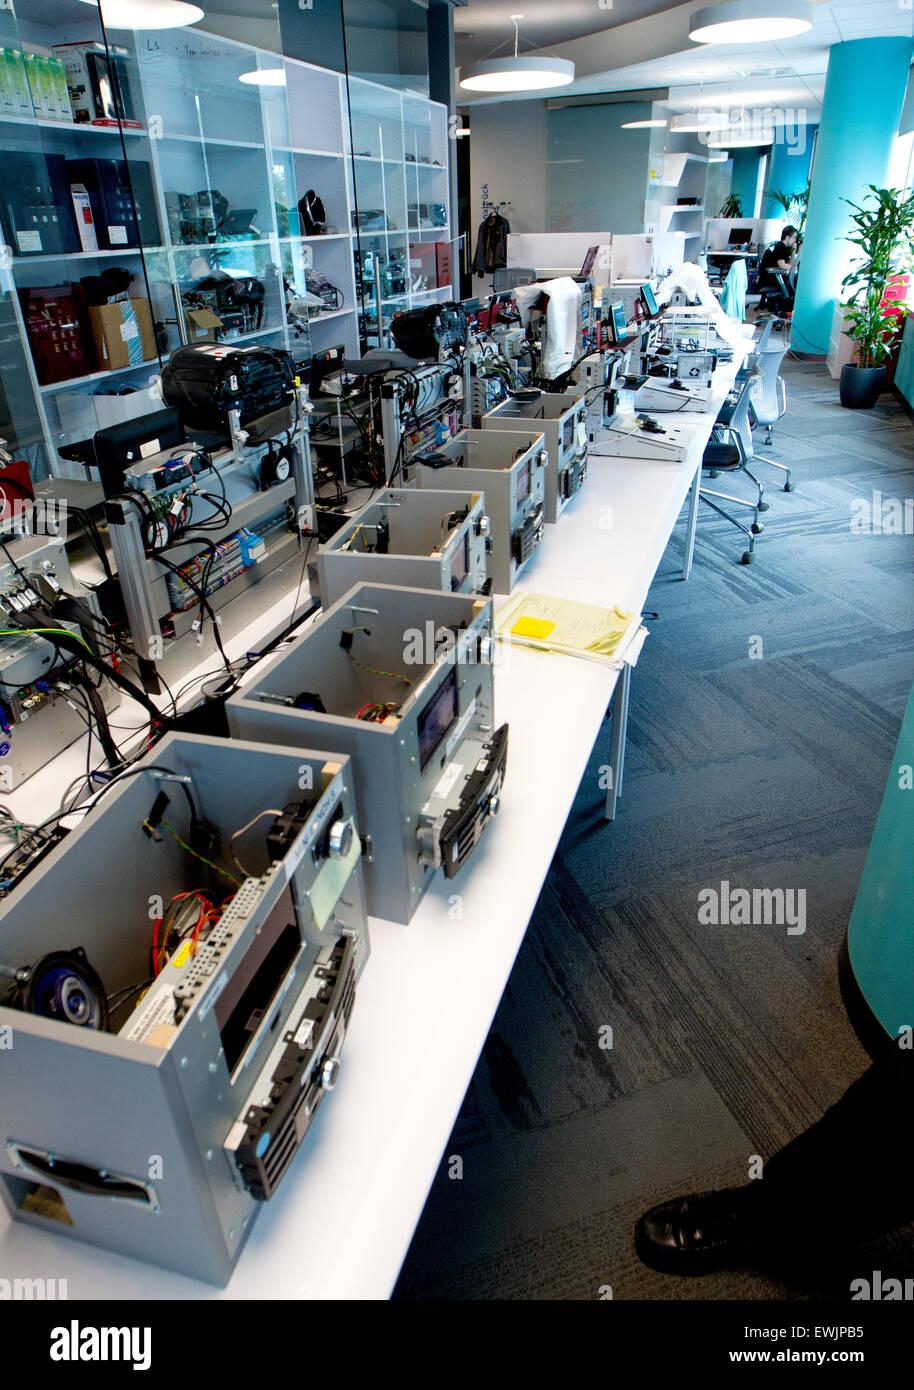 Groeben stockfotos groeben bilder seite 2 alamy for Mercedes benz research development north america